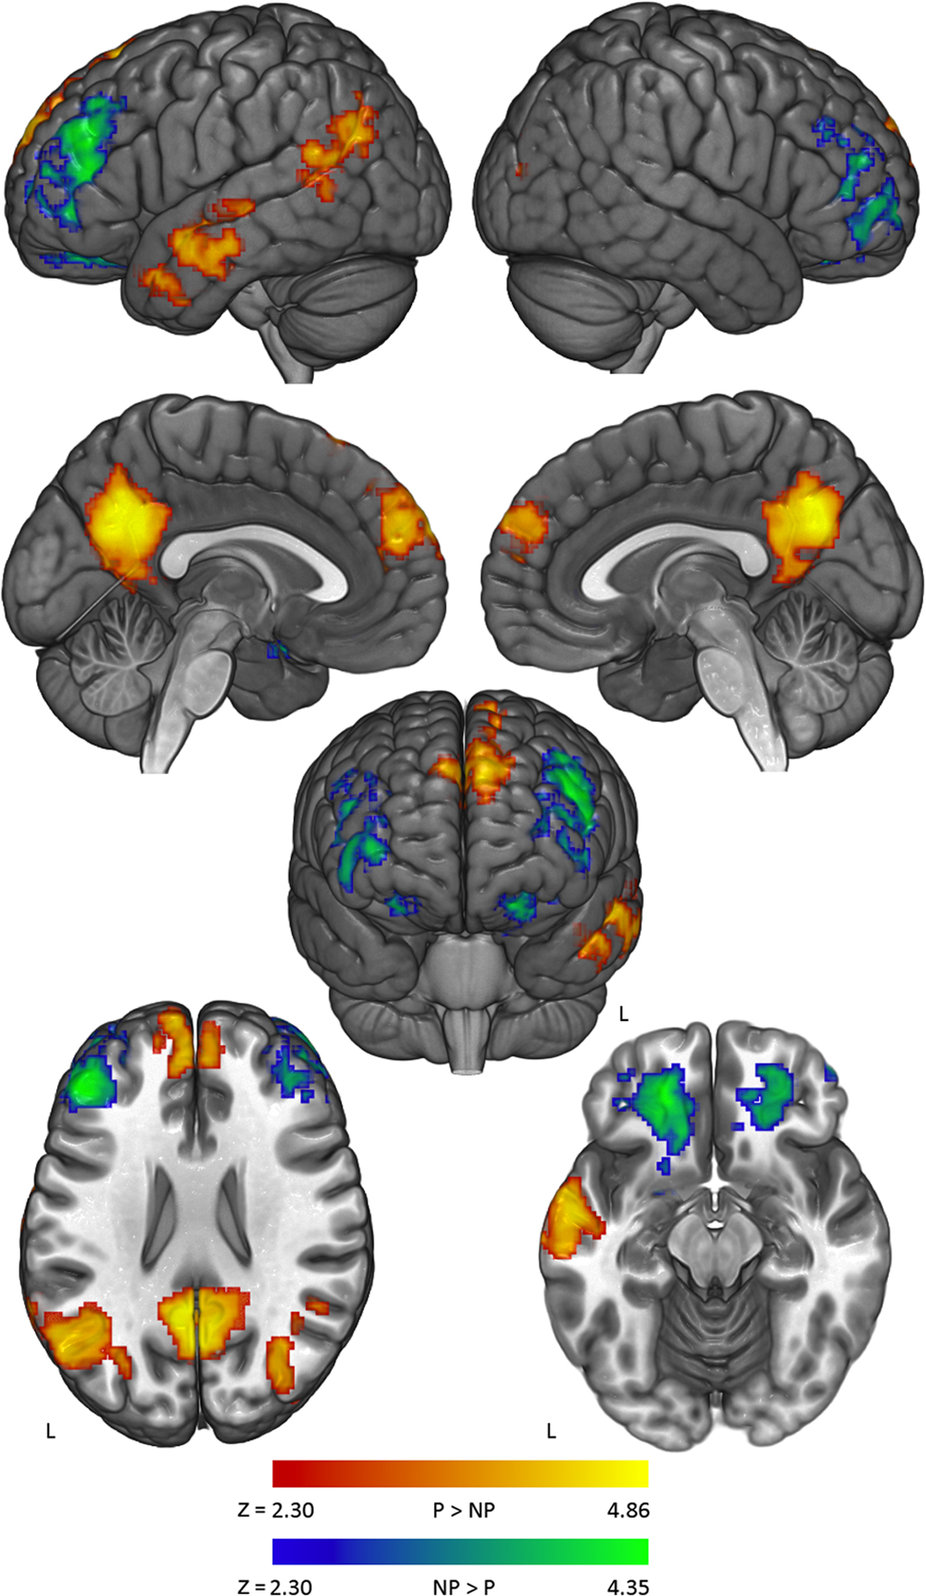 Активность вразных участках мозга при обработке контраргументов политических (выделены красным ижёлтым) инеполитических (выделены голубым изелёным) убеждений.